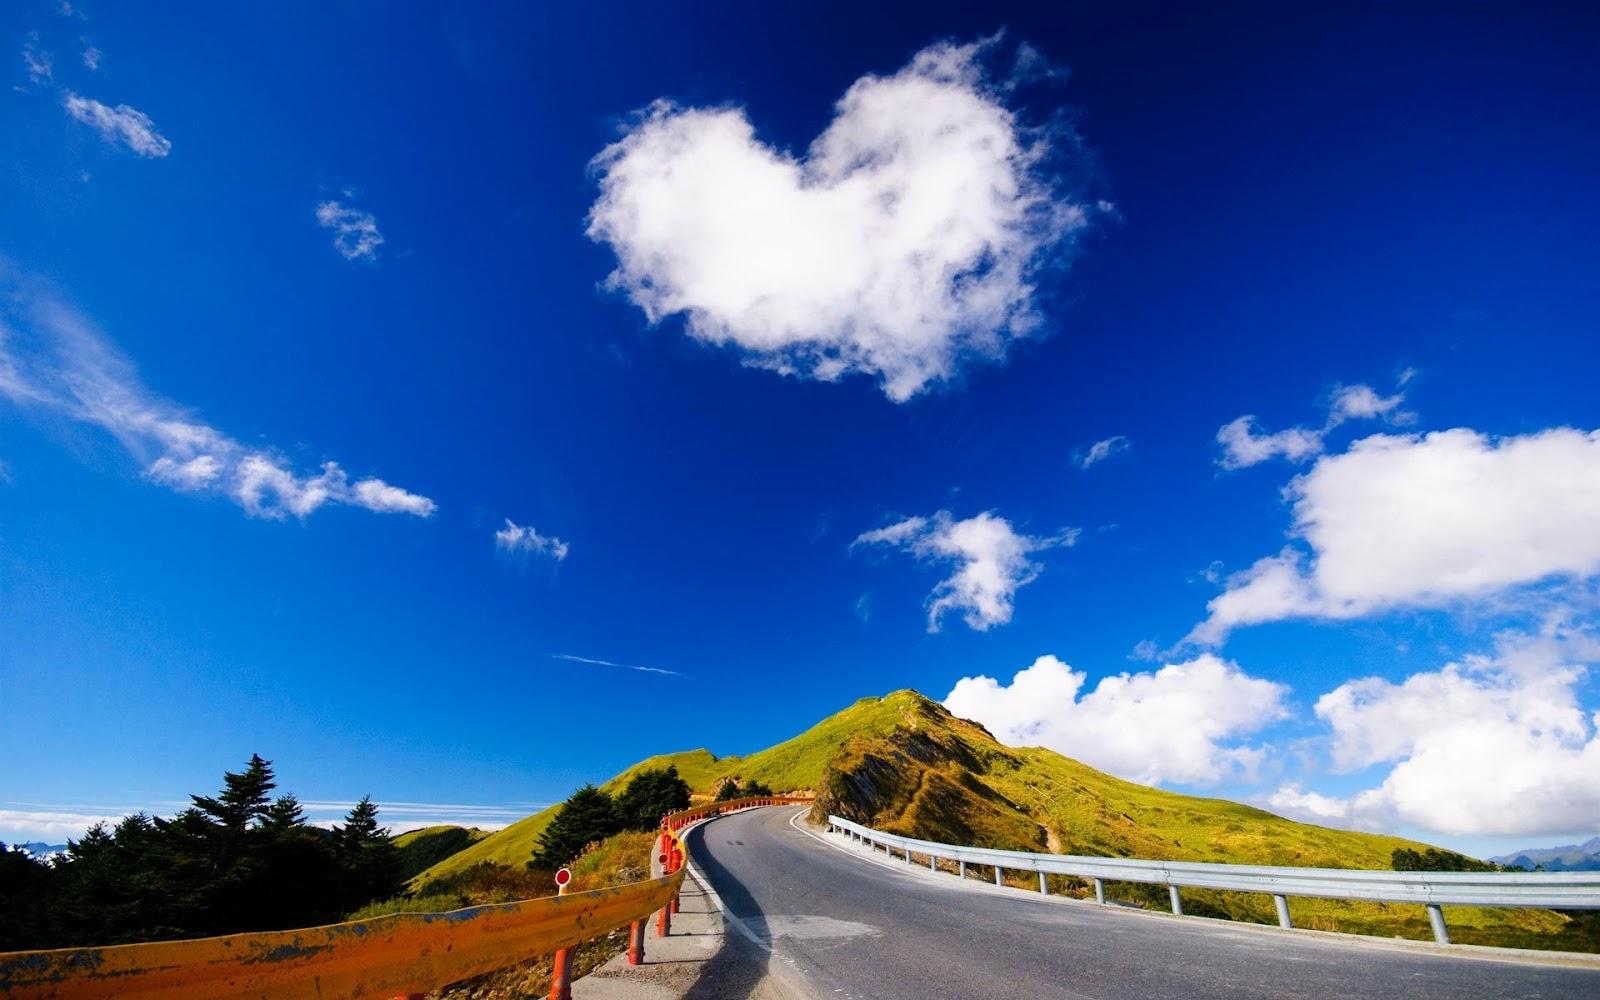 http://2.bp.blogspot.com/-T-PF5WrUdDk/TzOtdNsI47I/AAAAAAAAAwI/Dxh2aC5l1SE/s1600/ws_Beautiful_Road_View_1920x1200.jpg